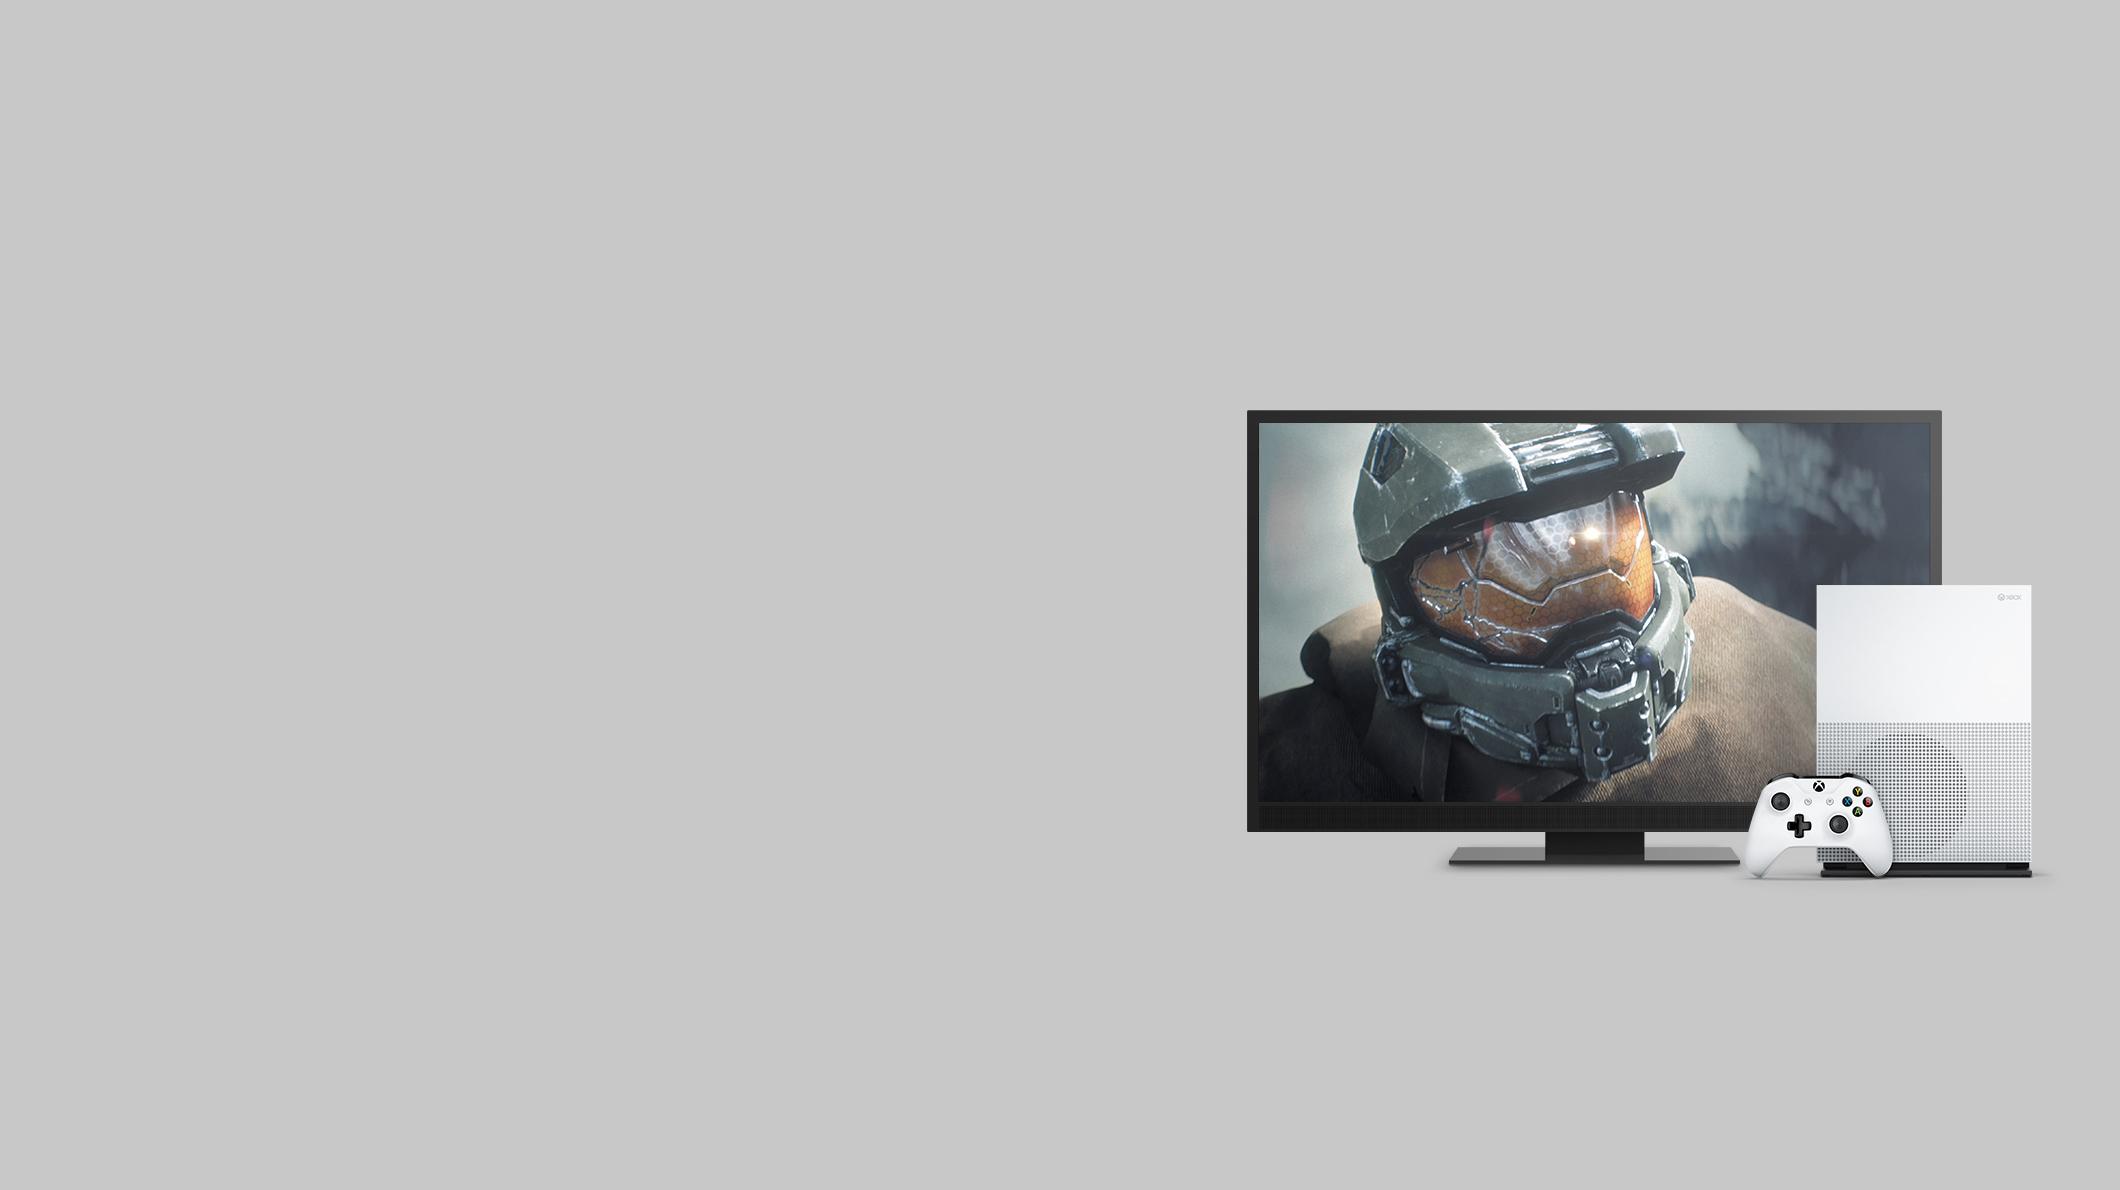 Bir Xbox One S konsolu ve oyun kumandası ile bir aksiyon videosu oynatılan büyük ekran